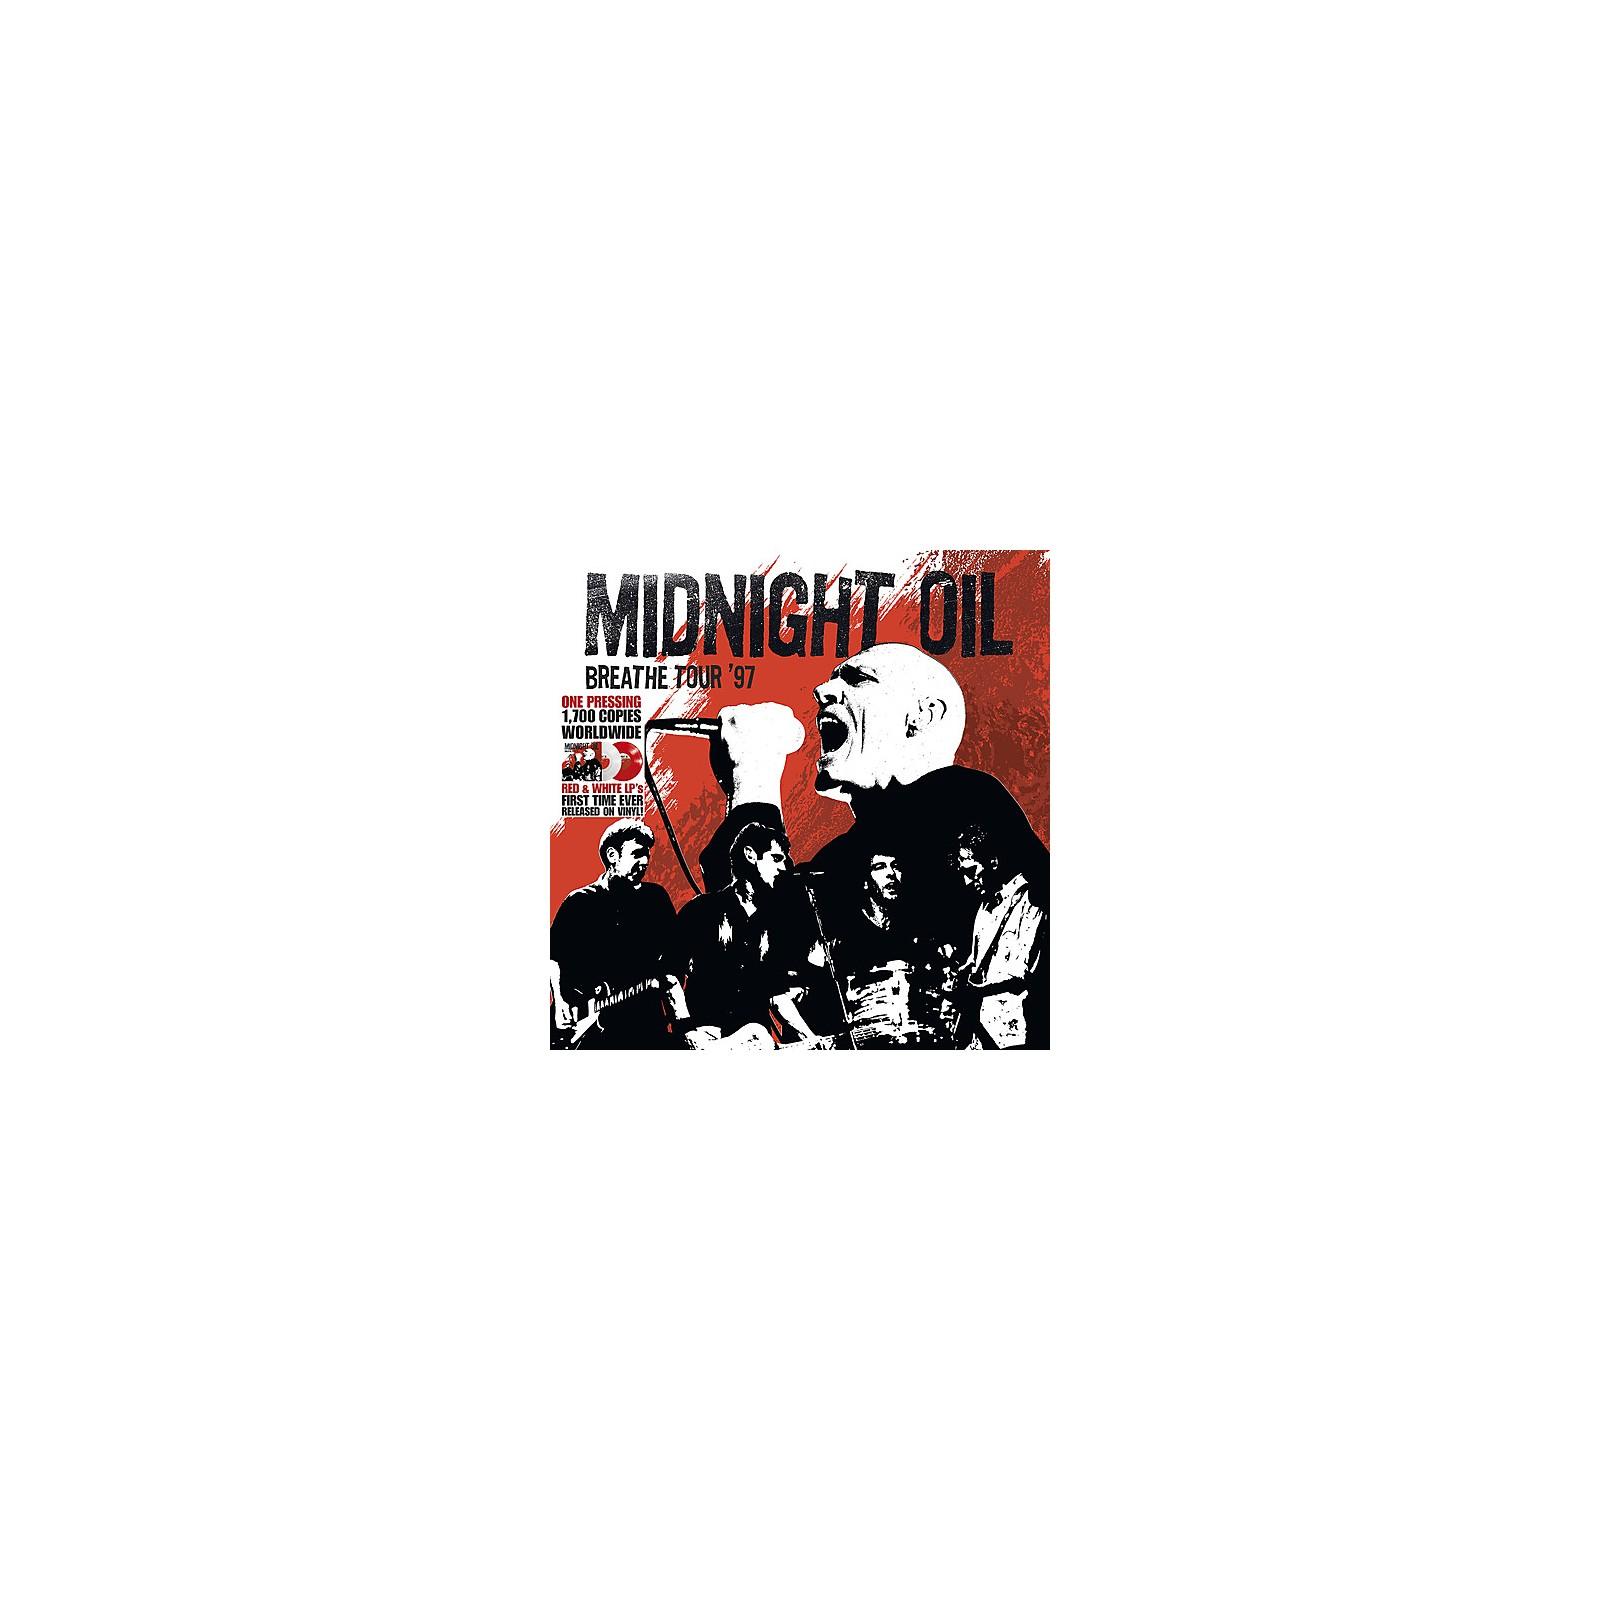 Alliance Midnight Oil - Breathe Tour '97